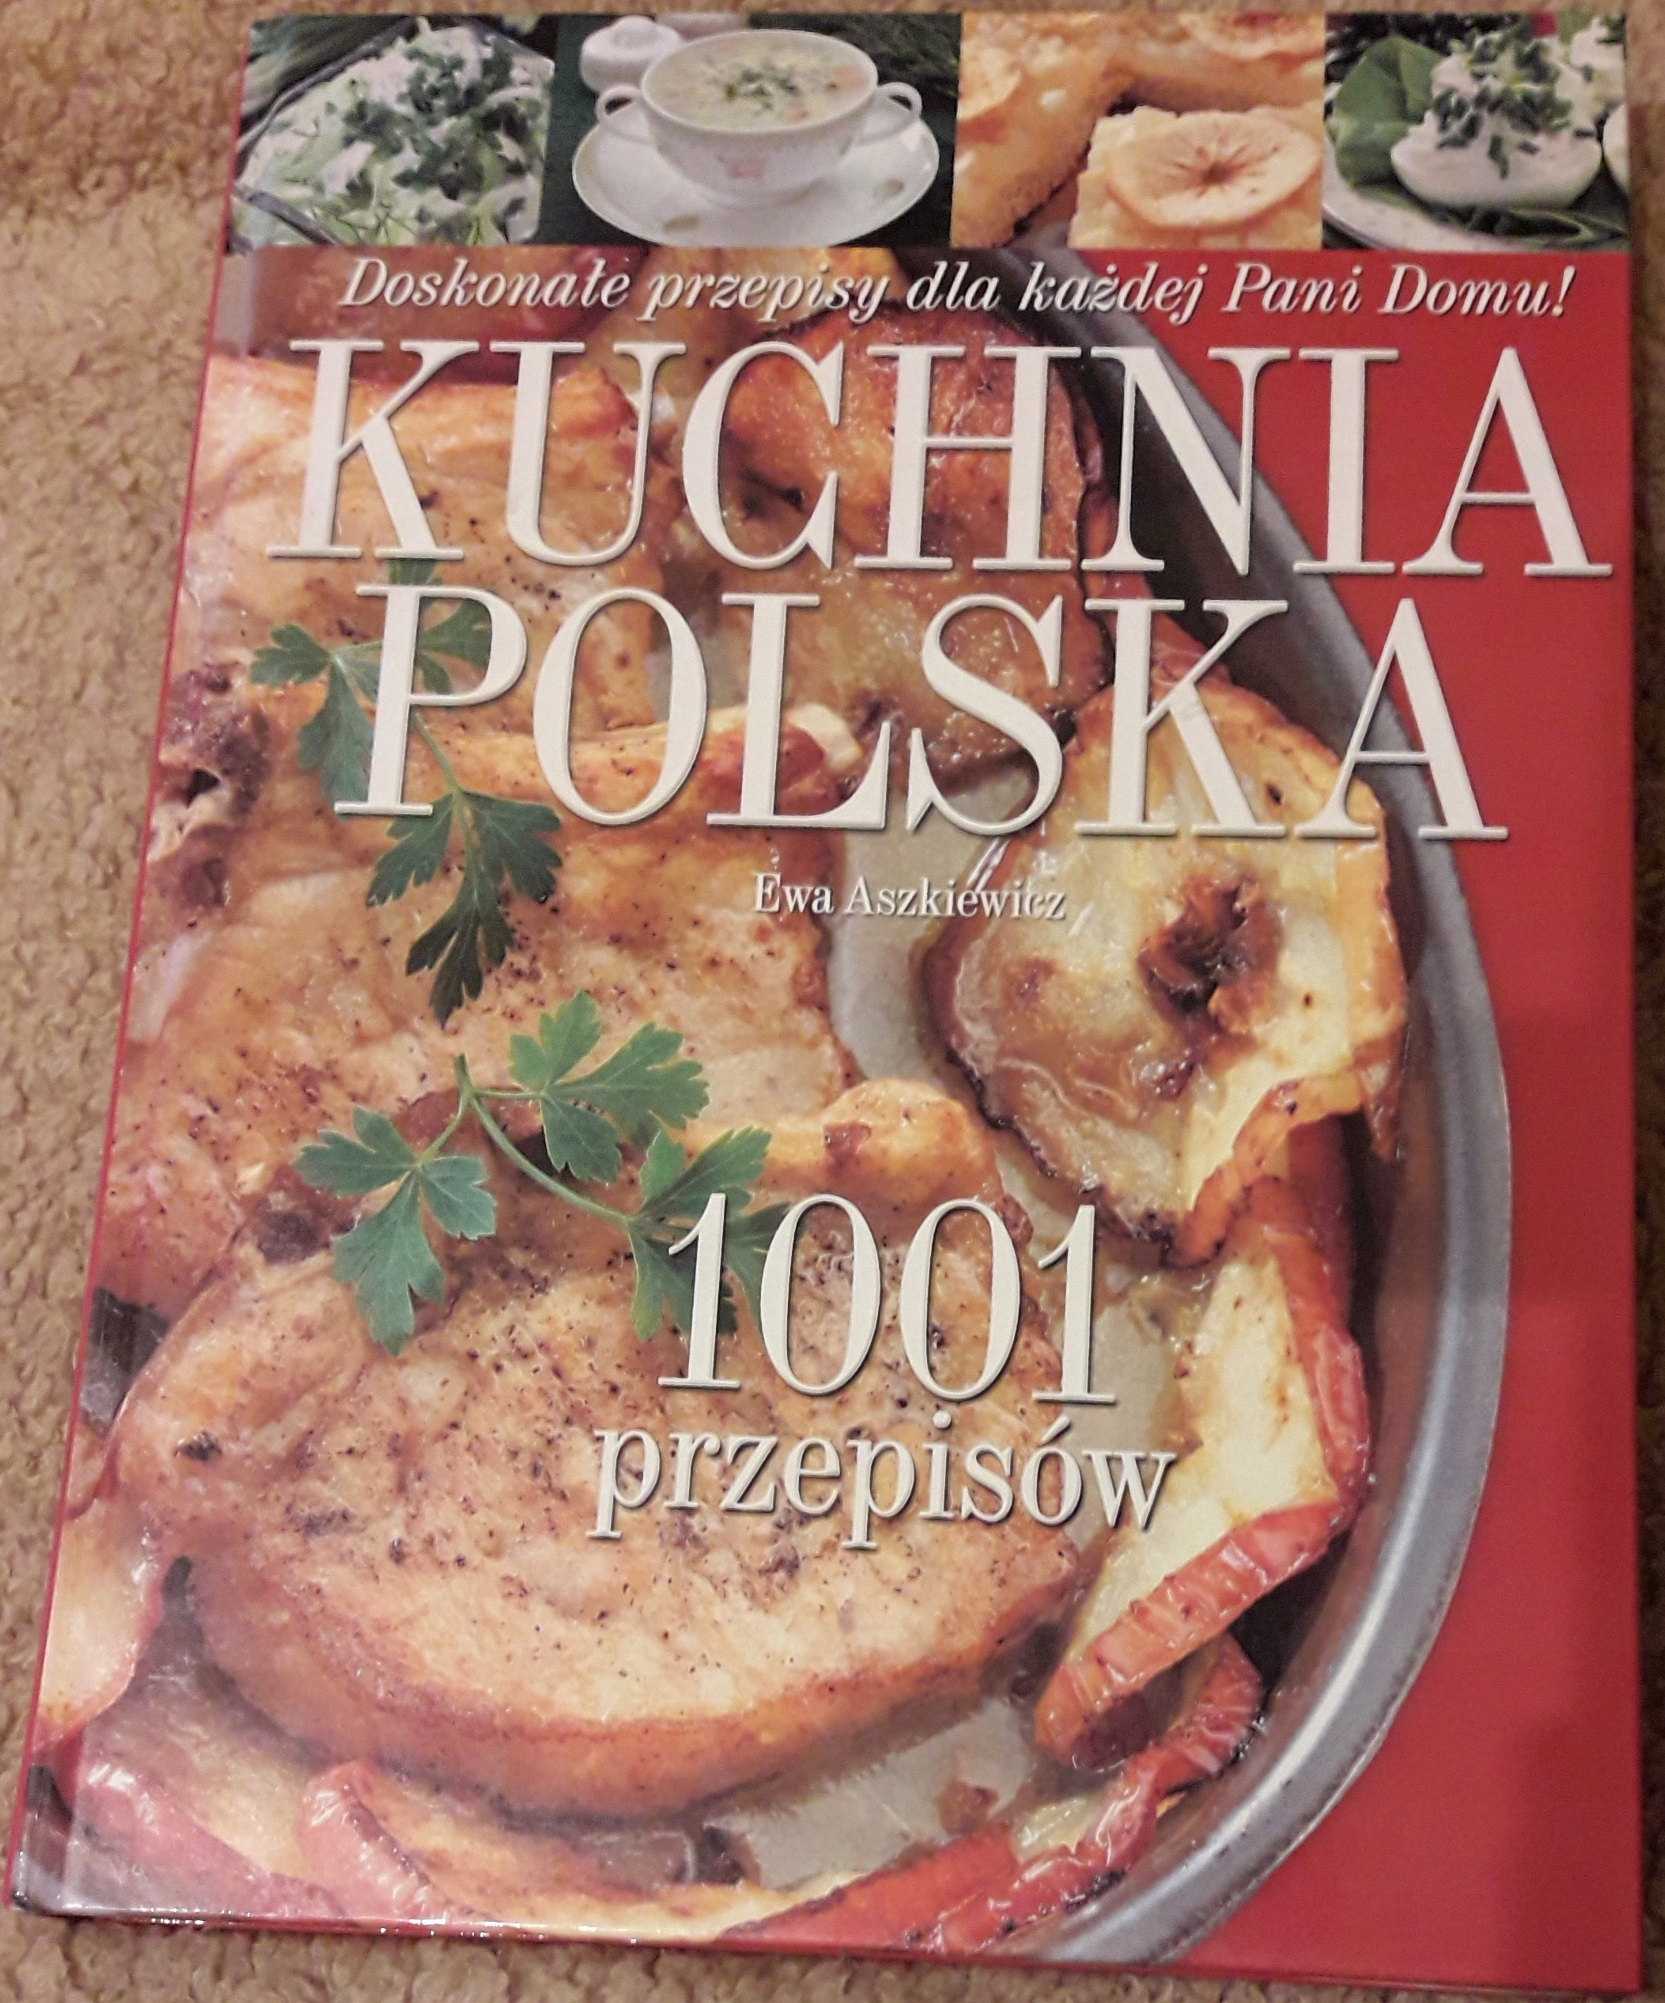 Kuchnia Polska 1001 Przepisów Ewa Aszkiewicz 7761179402